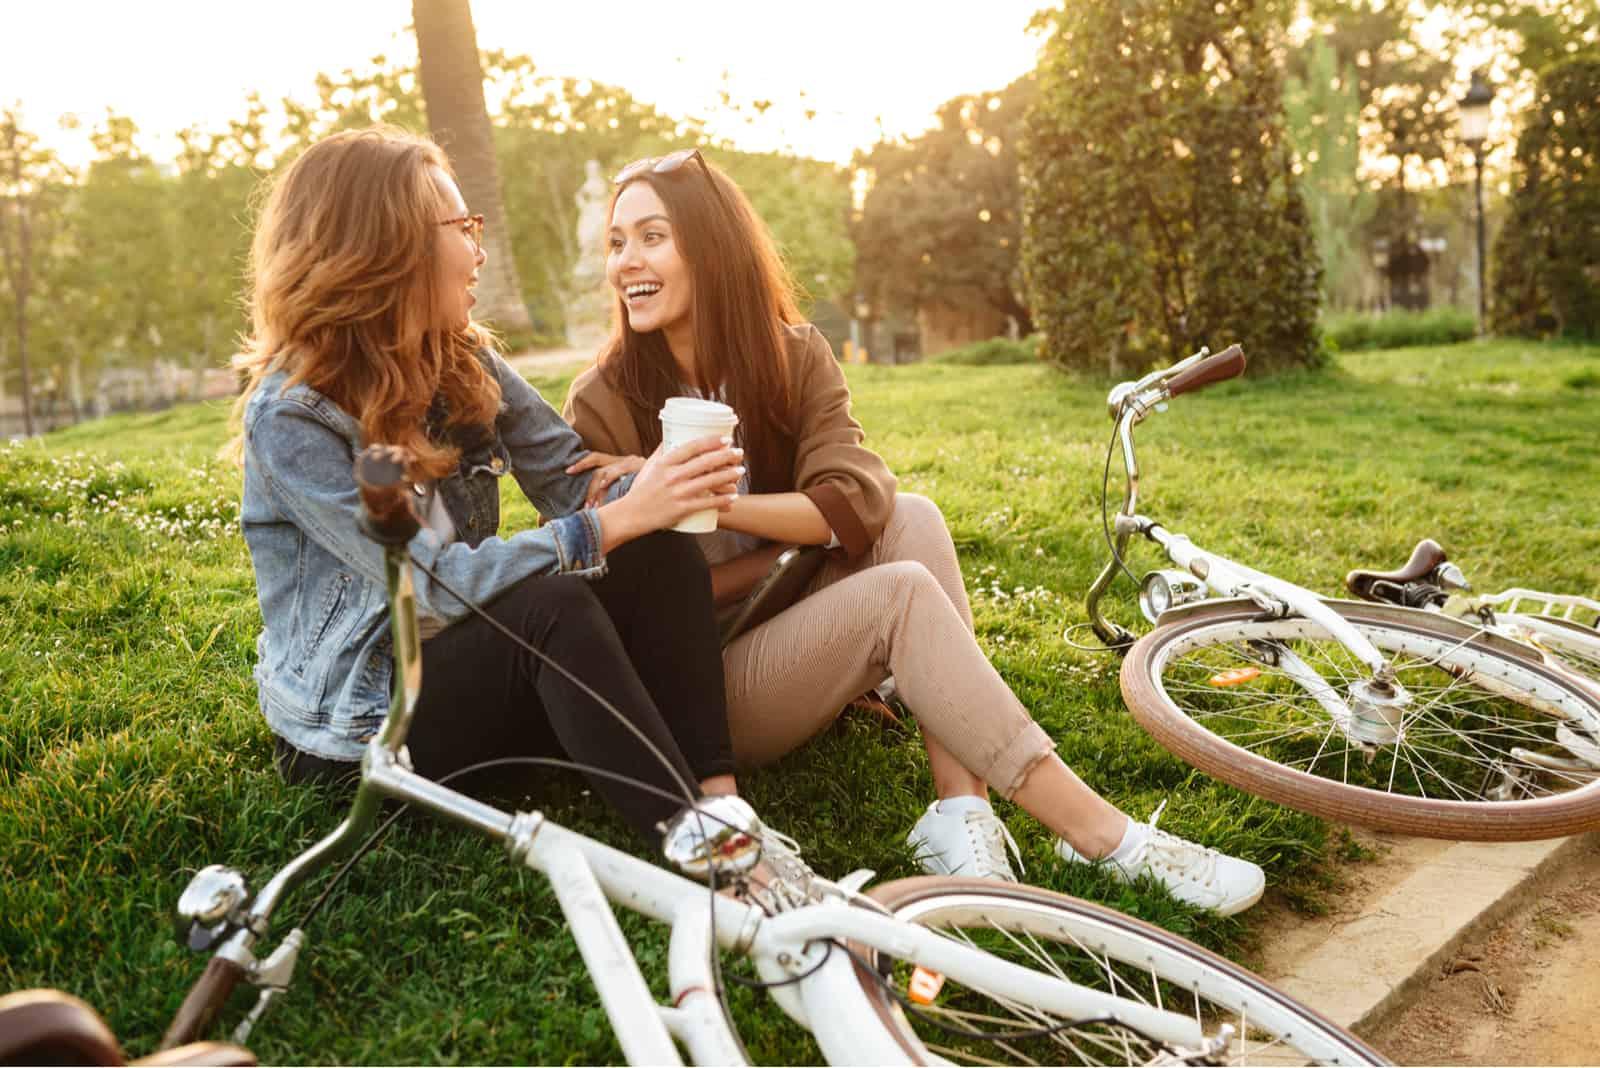 deux amis sont assis sur l'herbe et parlent